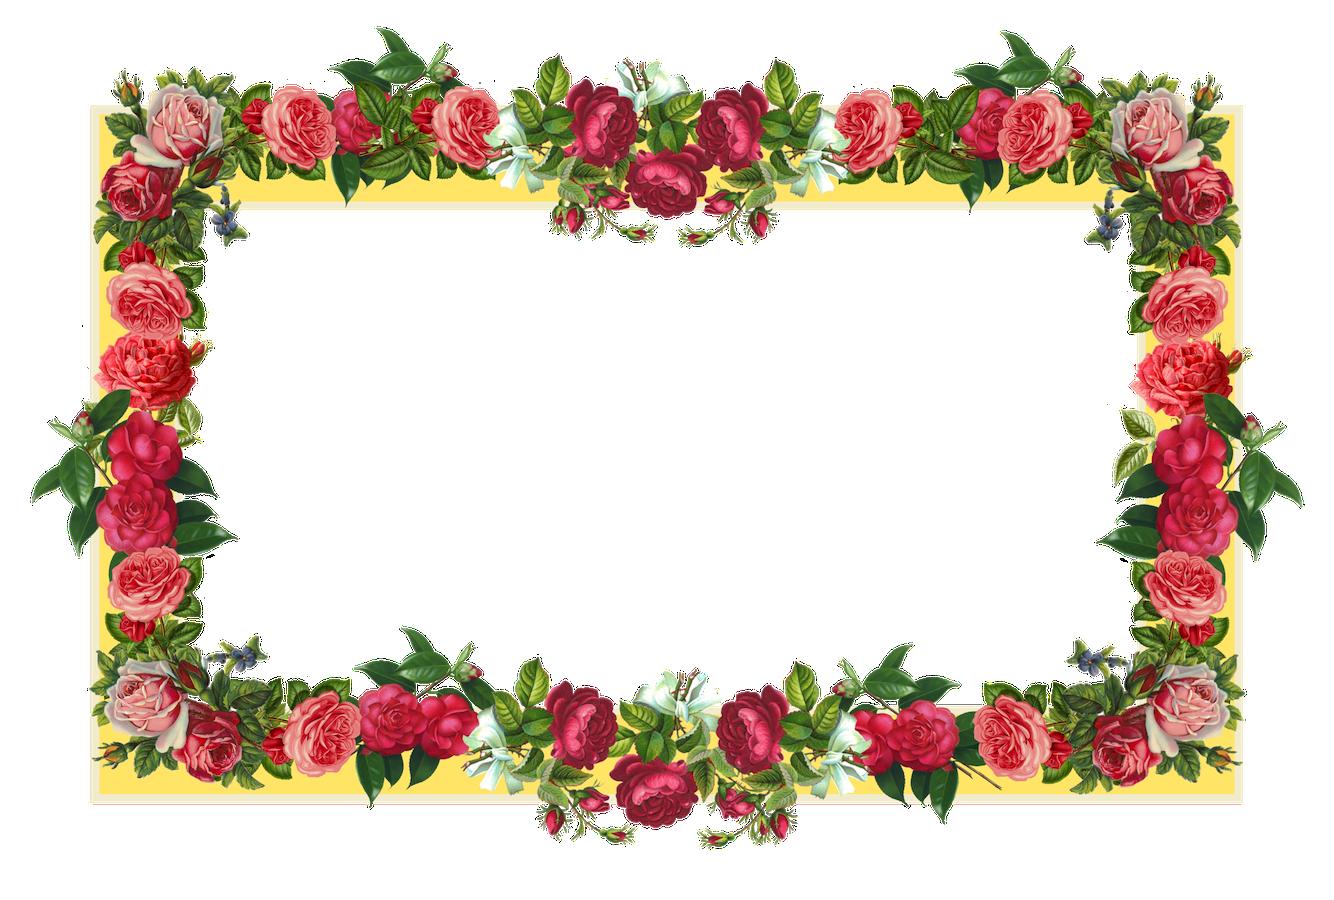 Flower Frame PNG Images Transparent Free Download.